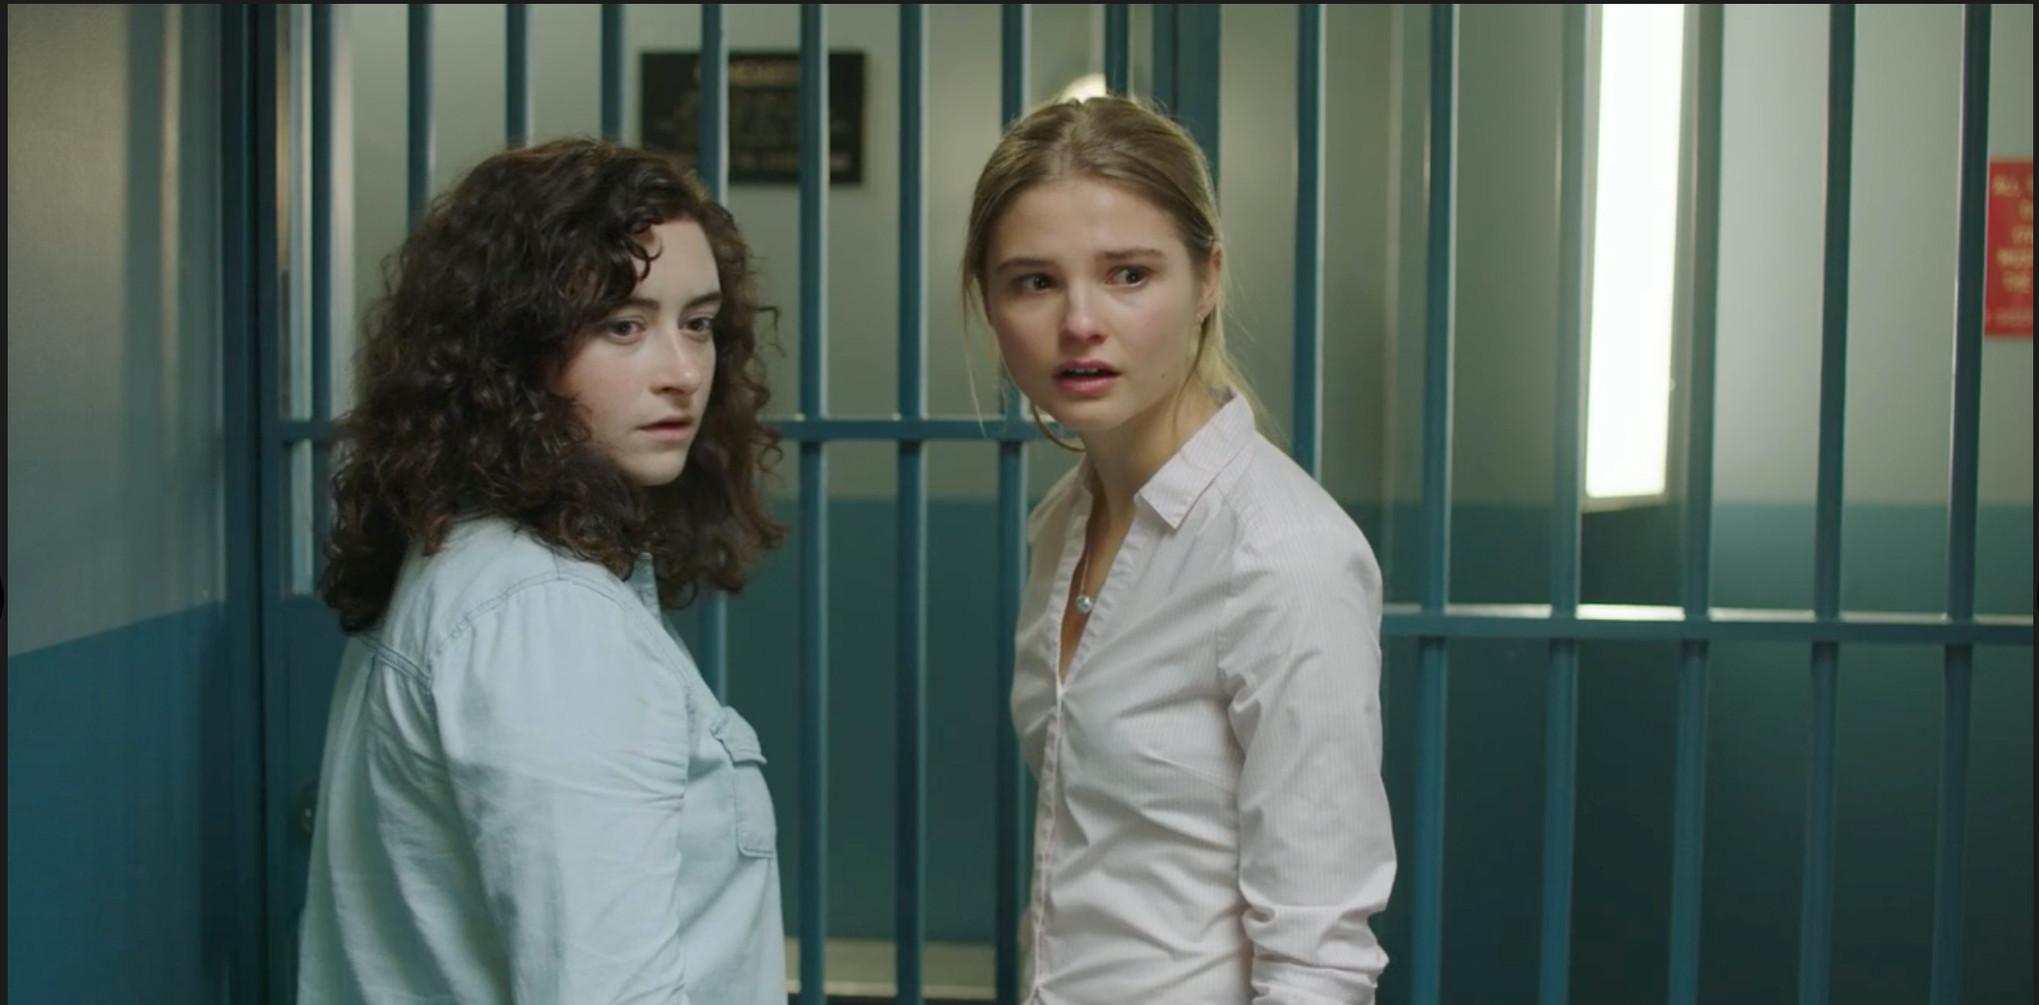 Film Still - Jail Cell